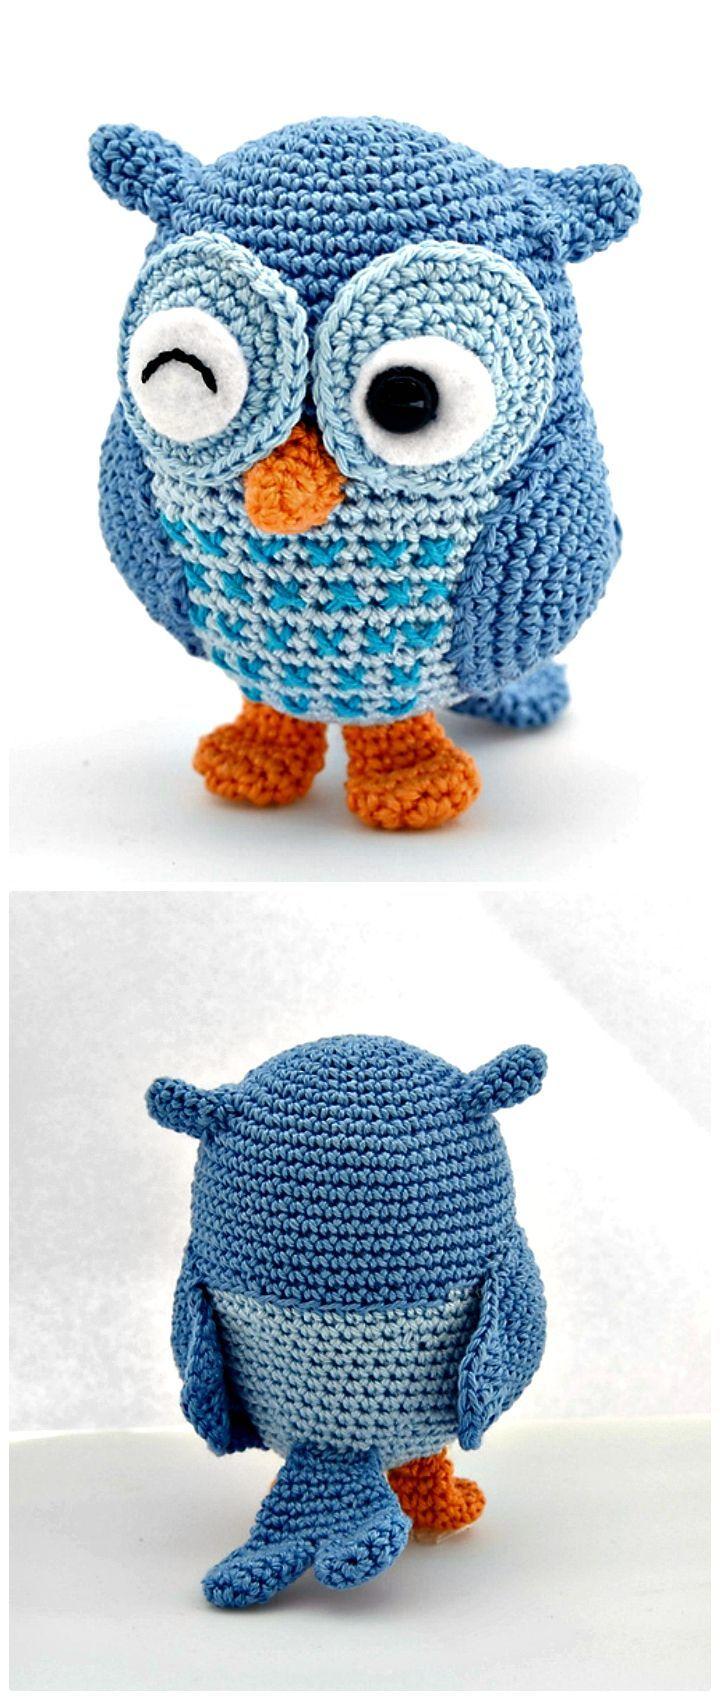 Crochet Amigurumi - 225 Free Crochet Amigurumi Patterns | Häkeln ...